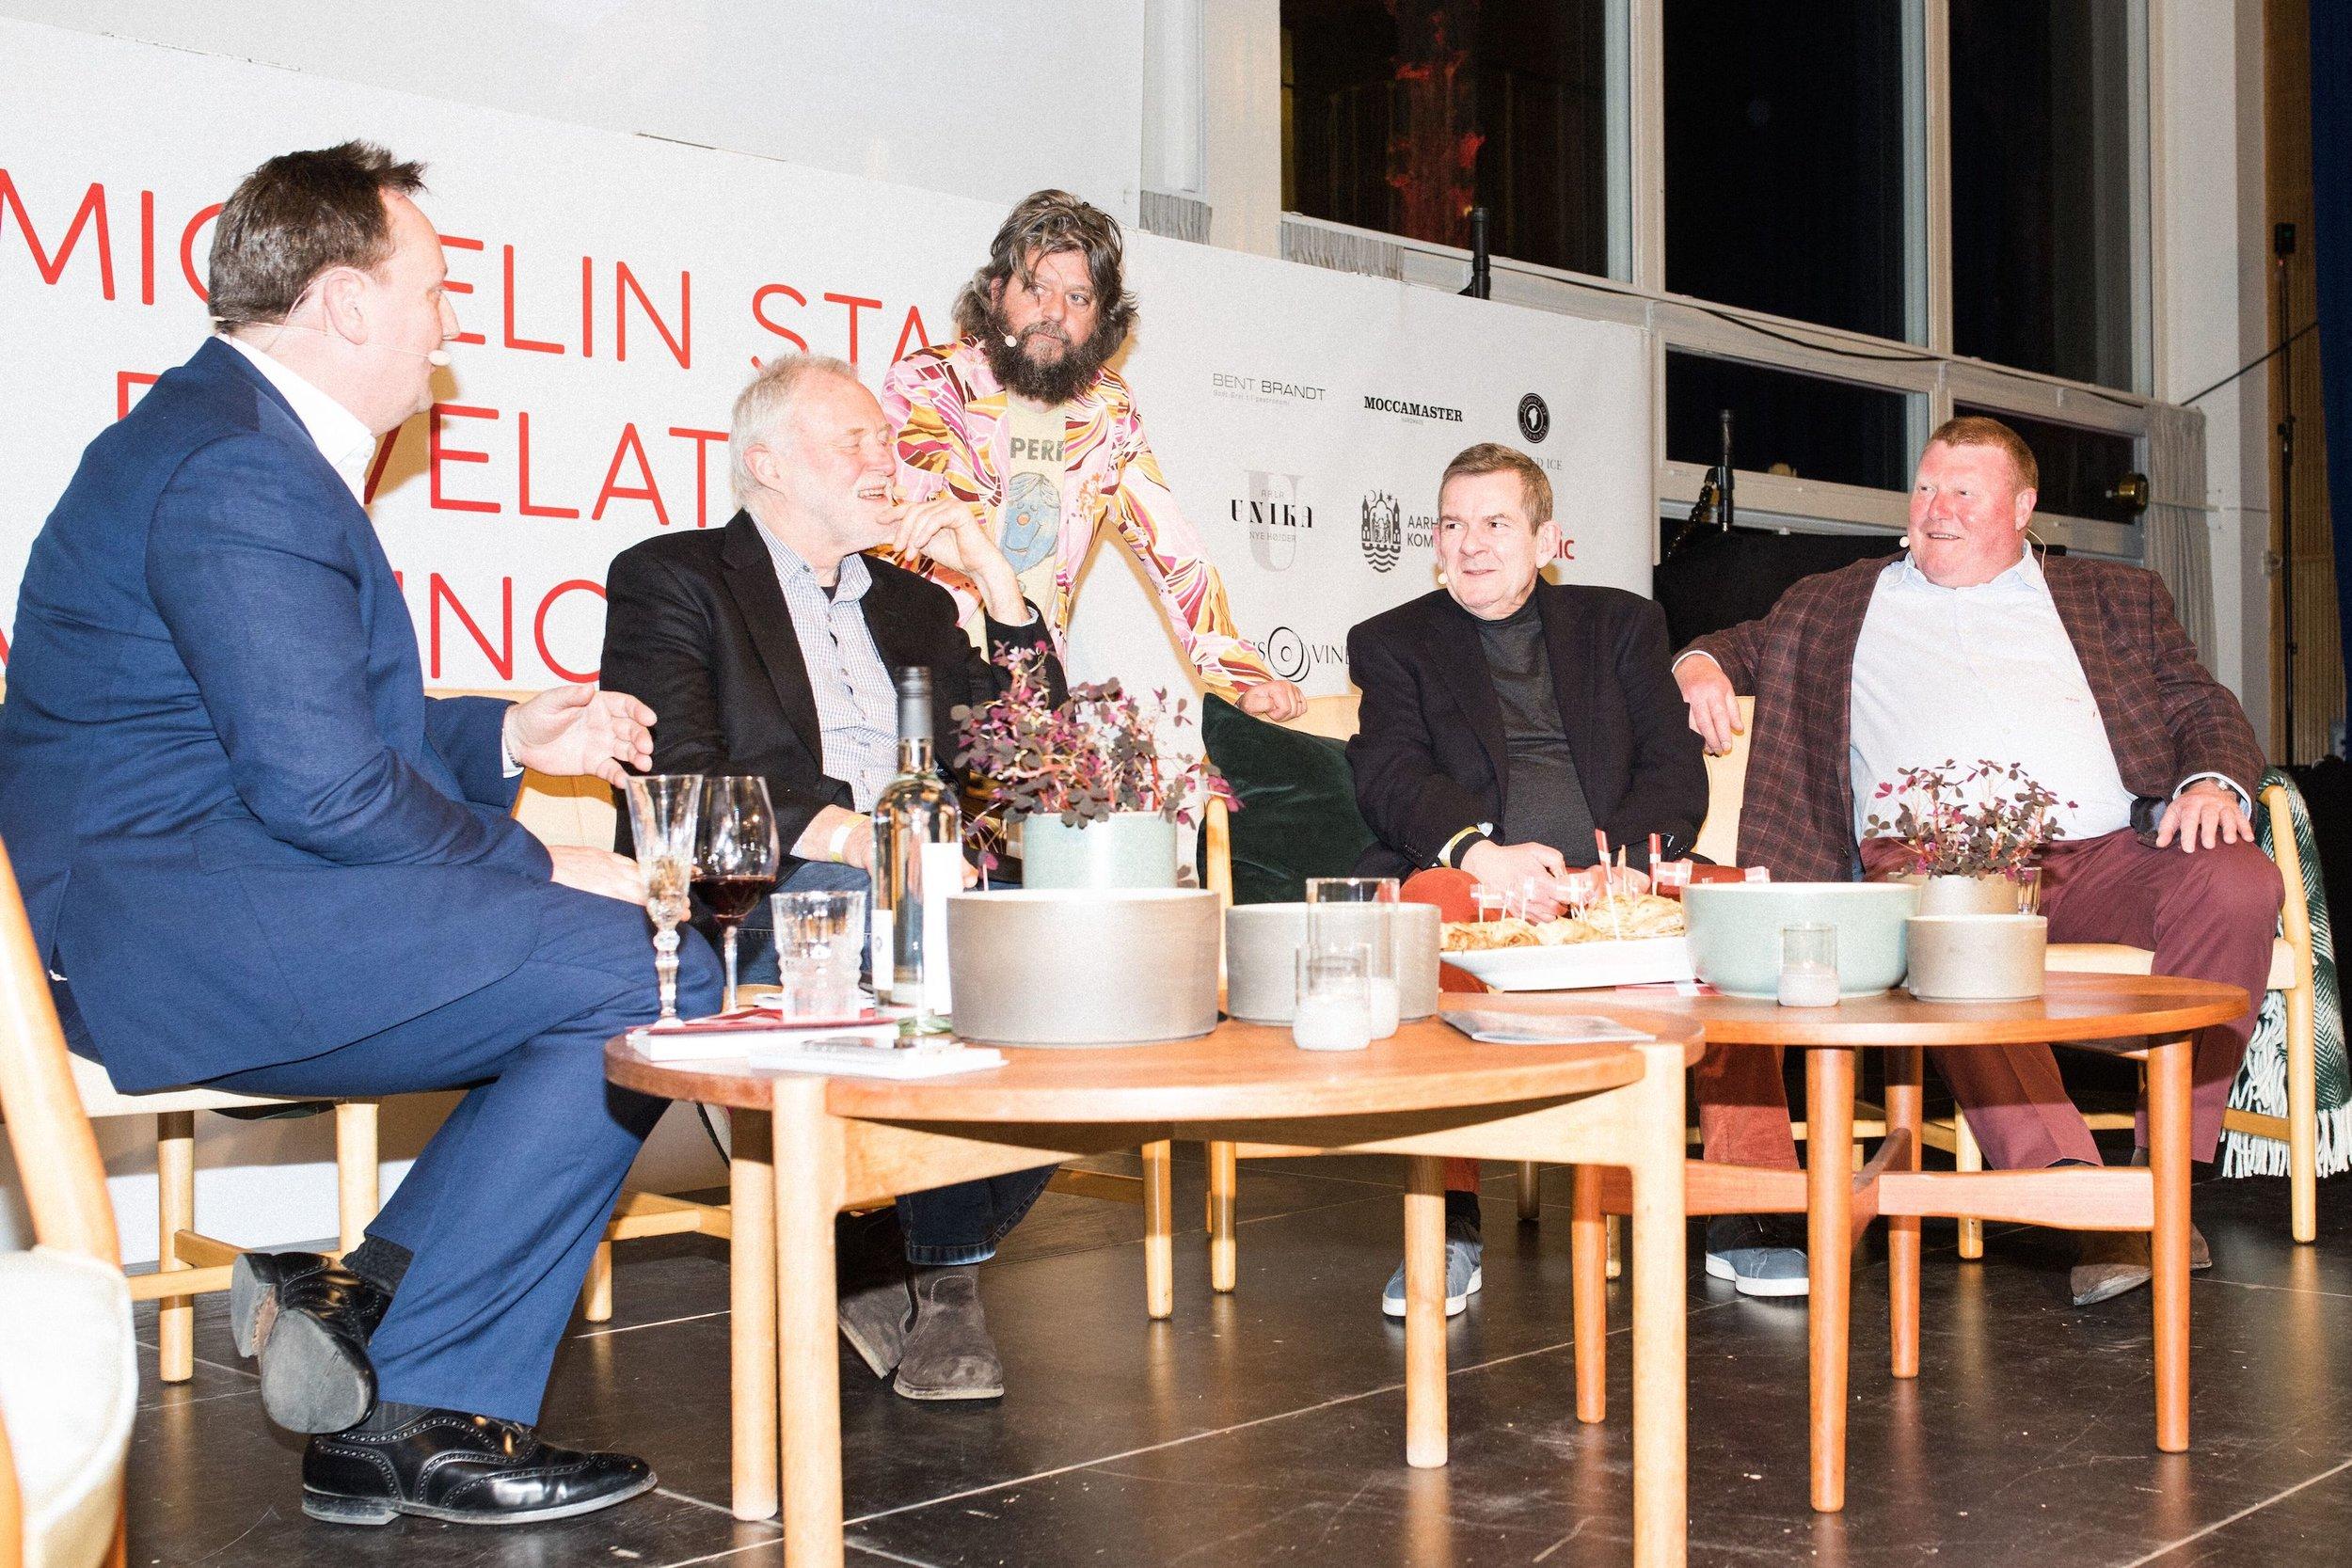 Aftenens værter Ole Troelsø og Anders Lund Madsen interviewede nogle af Danmarks mest kendte kokke — her Erwin Lauterbach, Søren Gericke og Claus Christensen.